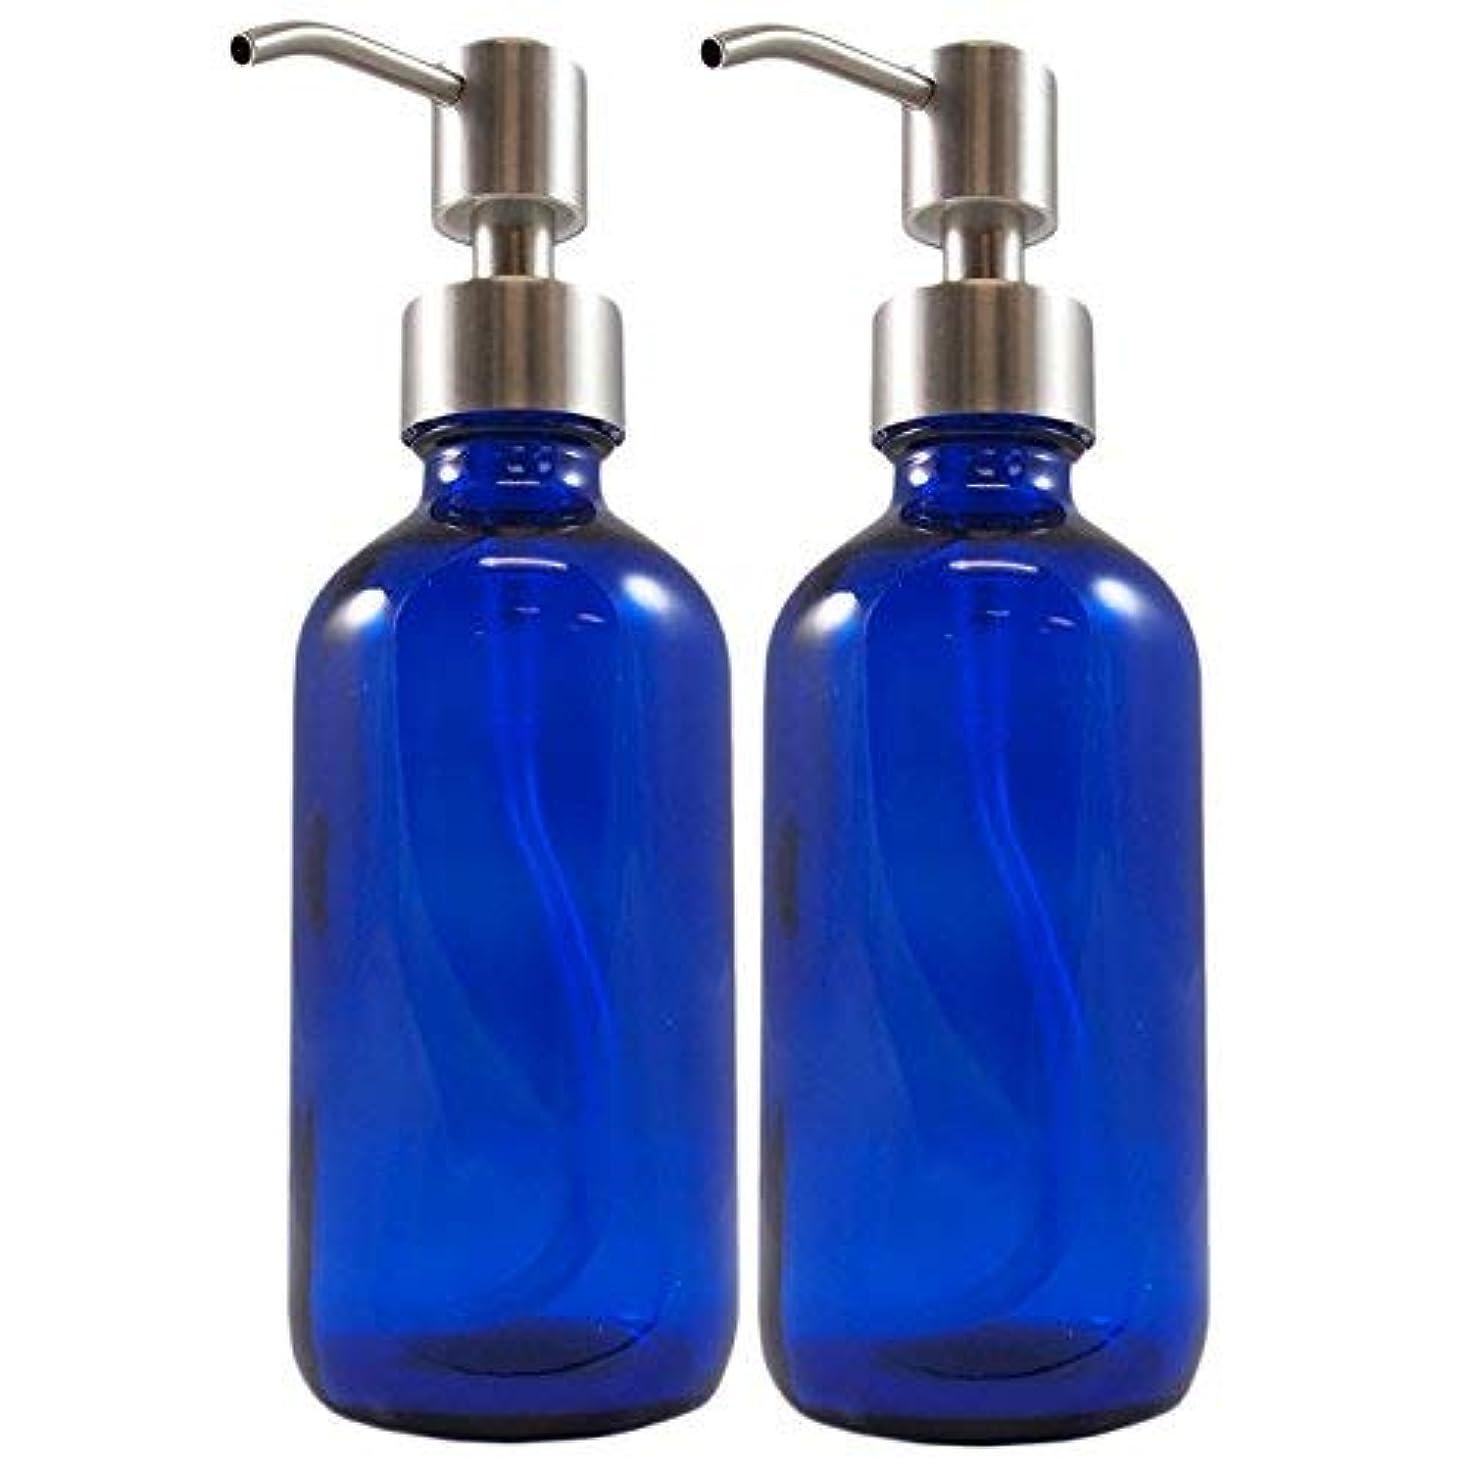 肌事故ビットCornucopia Brands Cobalt Blue Glass Boston Round Bottles with Stainless Steel Pumps, Great for Essential Oils,...